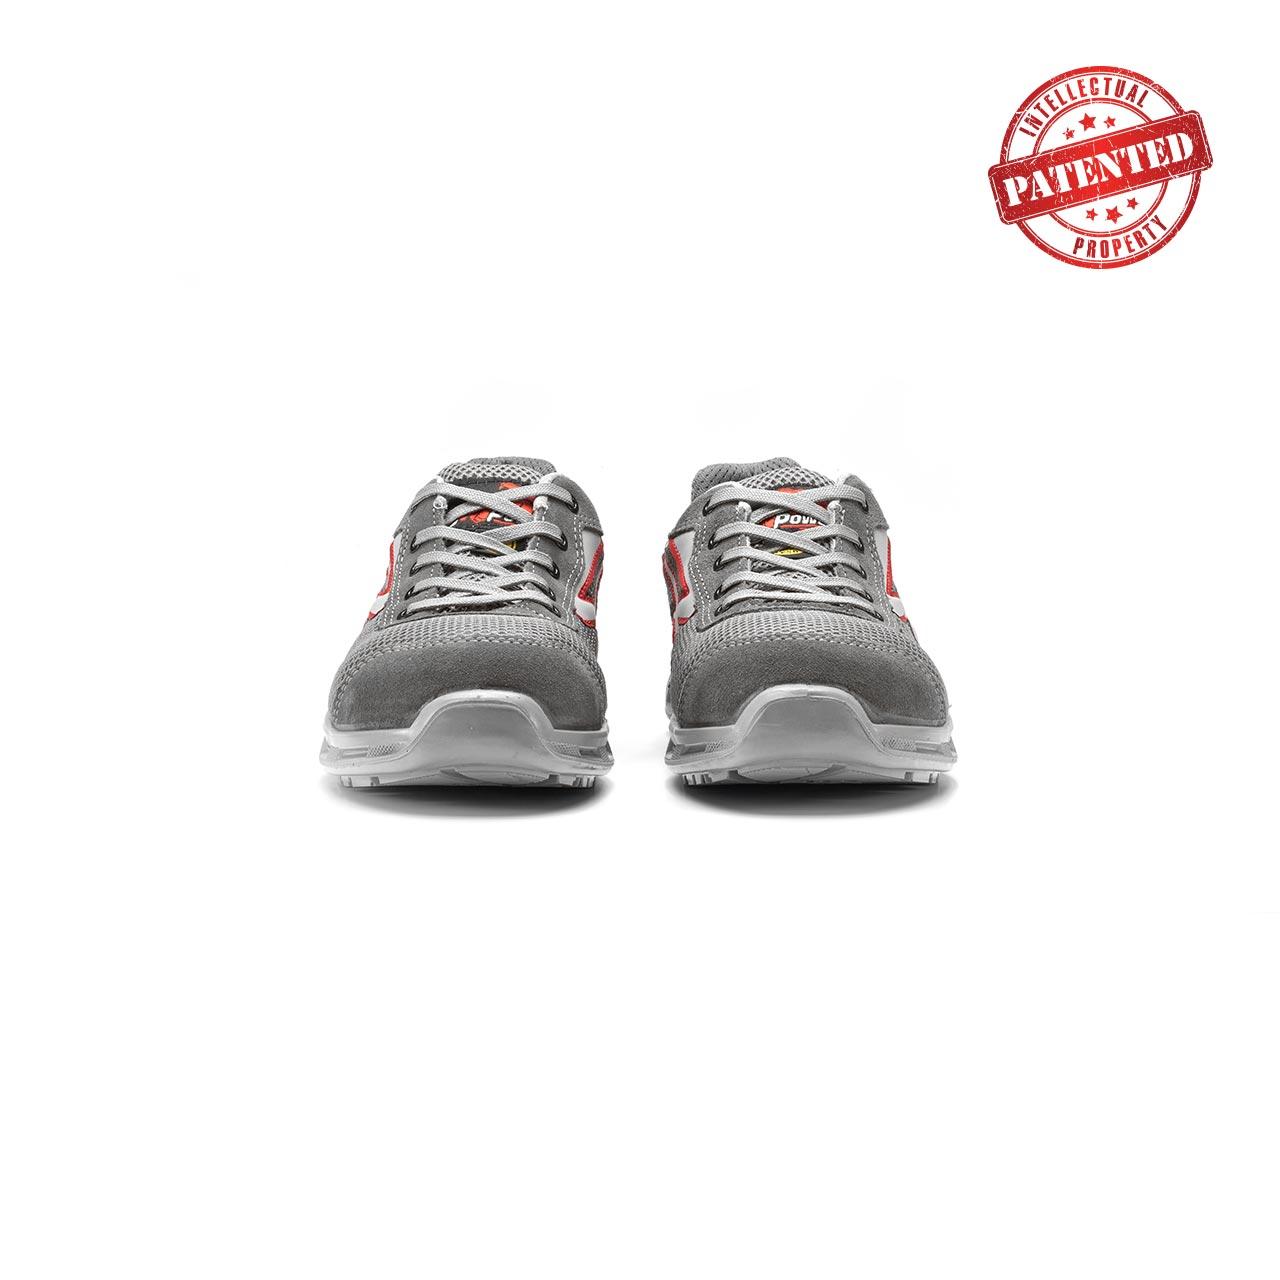 paio di scarpe antinfortunistiche upower modello frequency linea redlion vista frontale